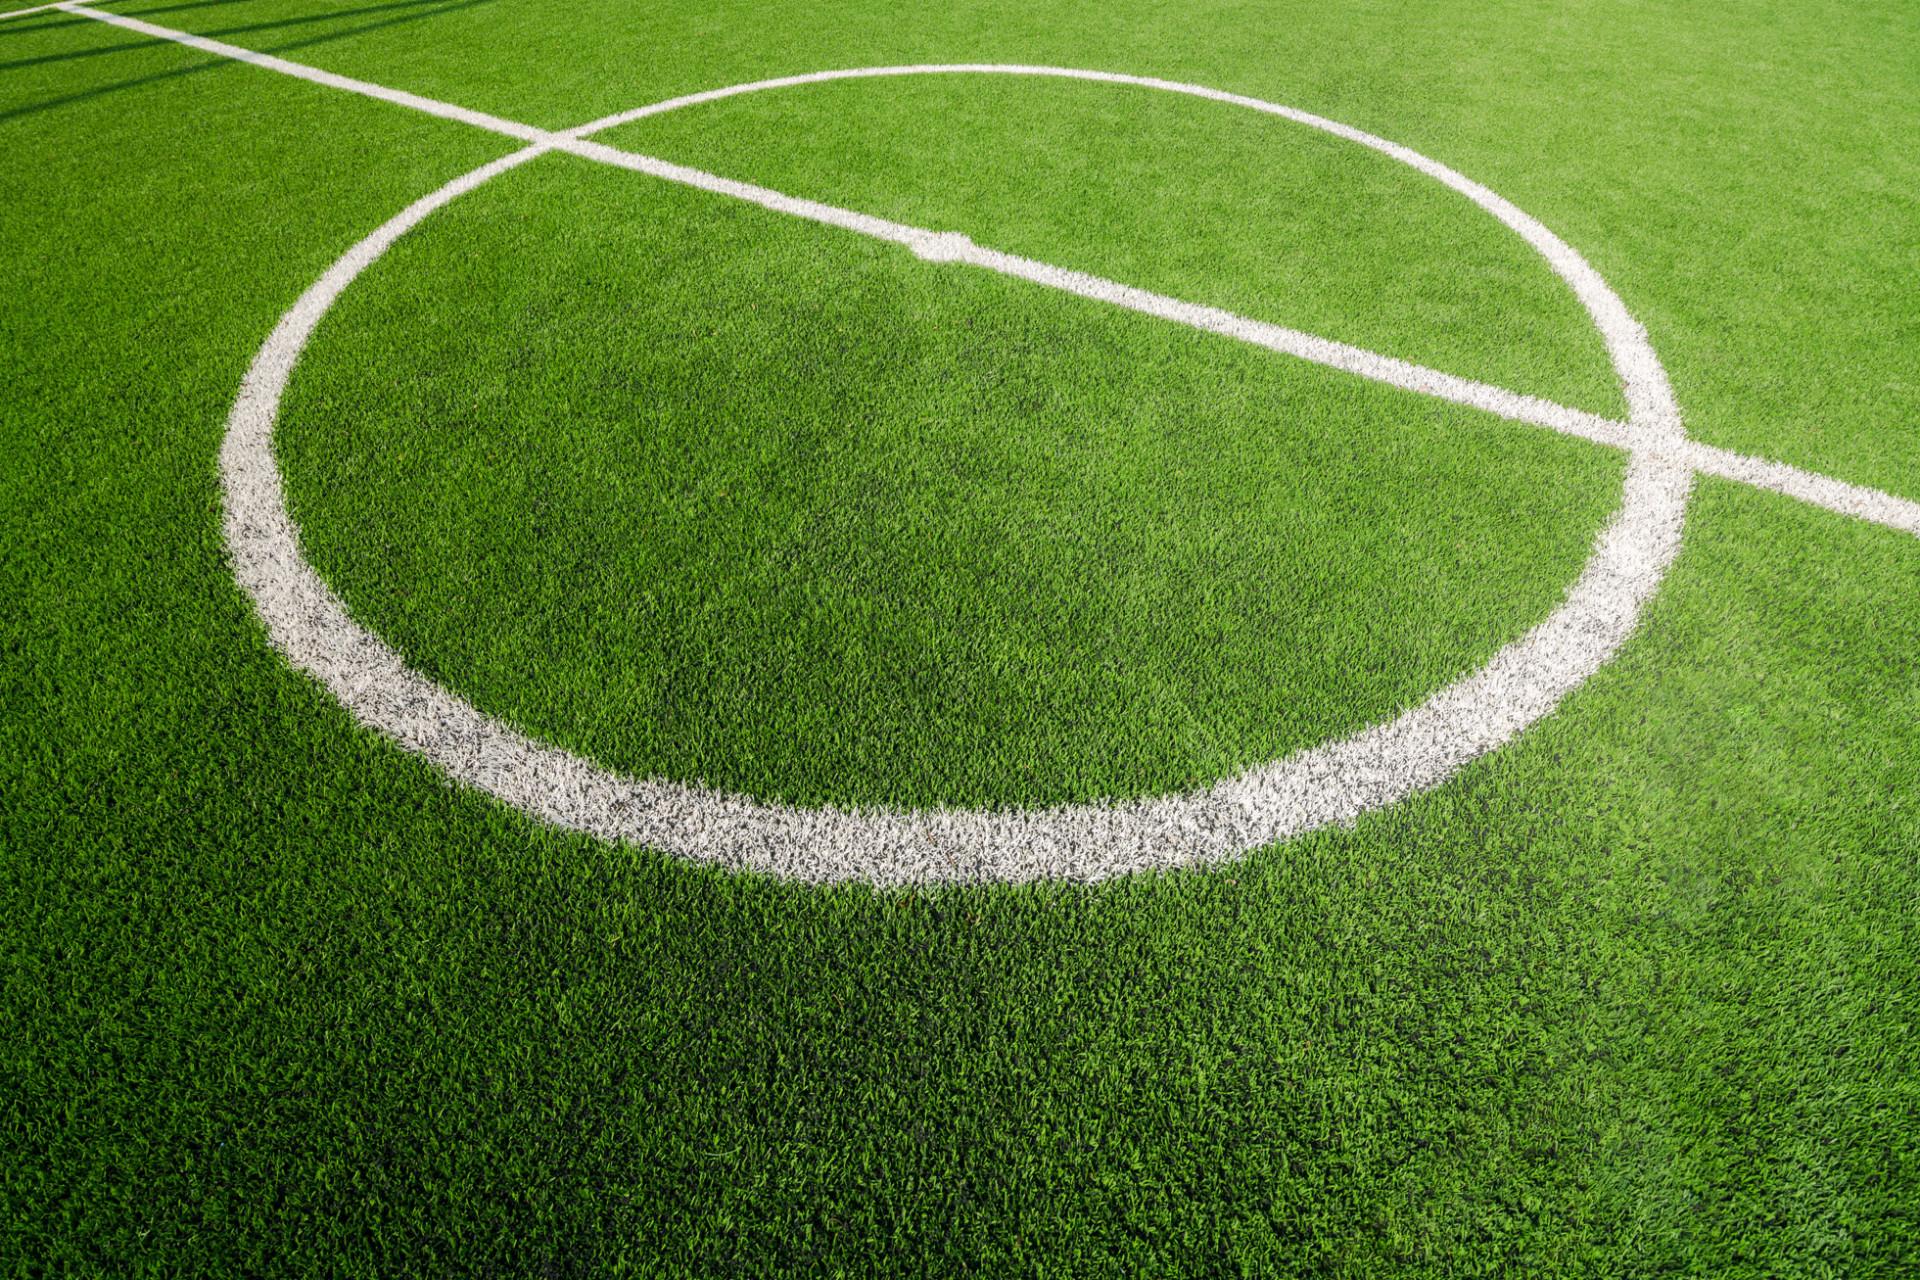 สนามฟุตบอล เดอะ ไลน์ วงศ์สว่าง The Line Wongsawang